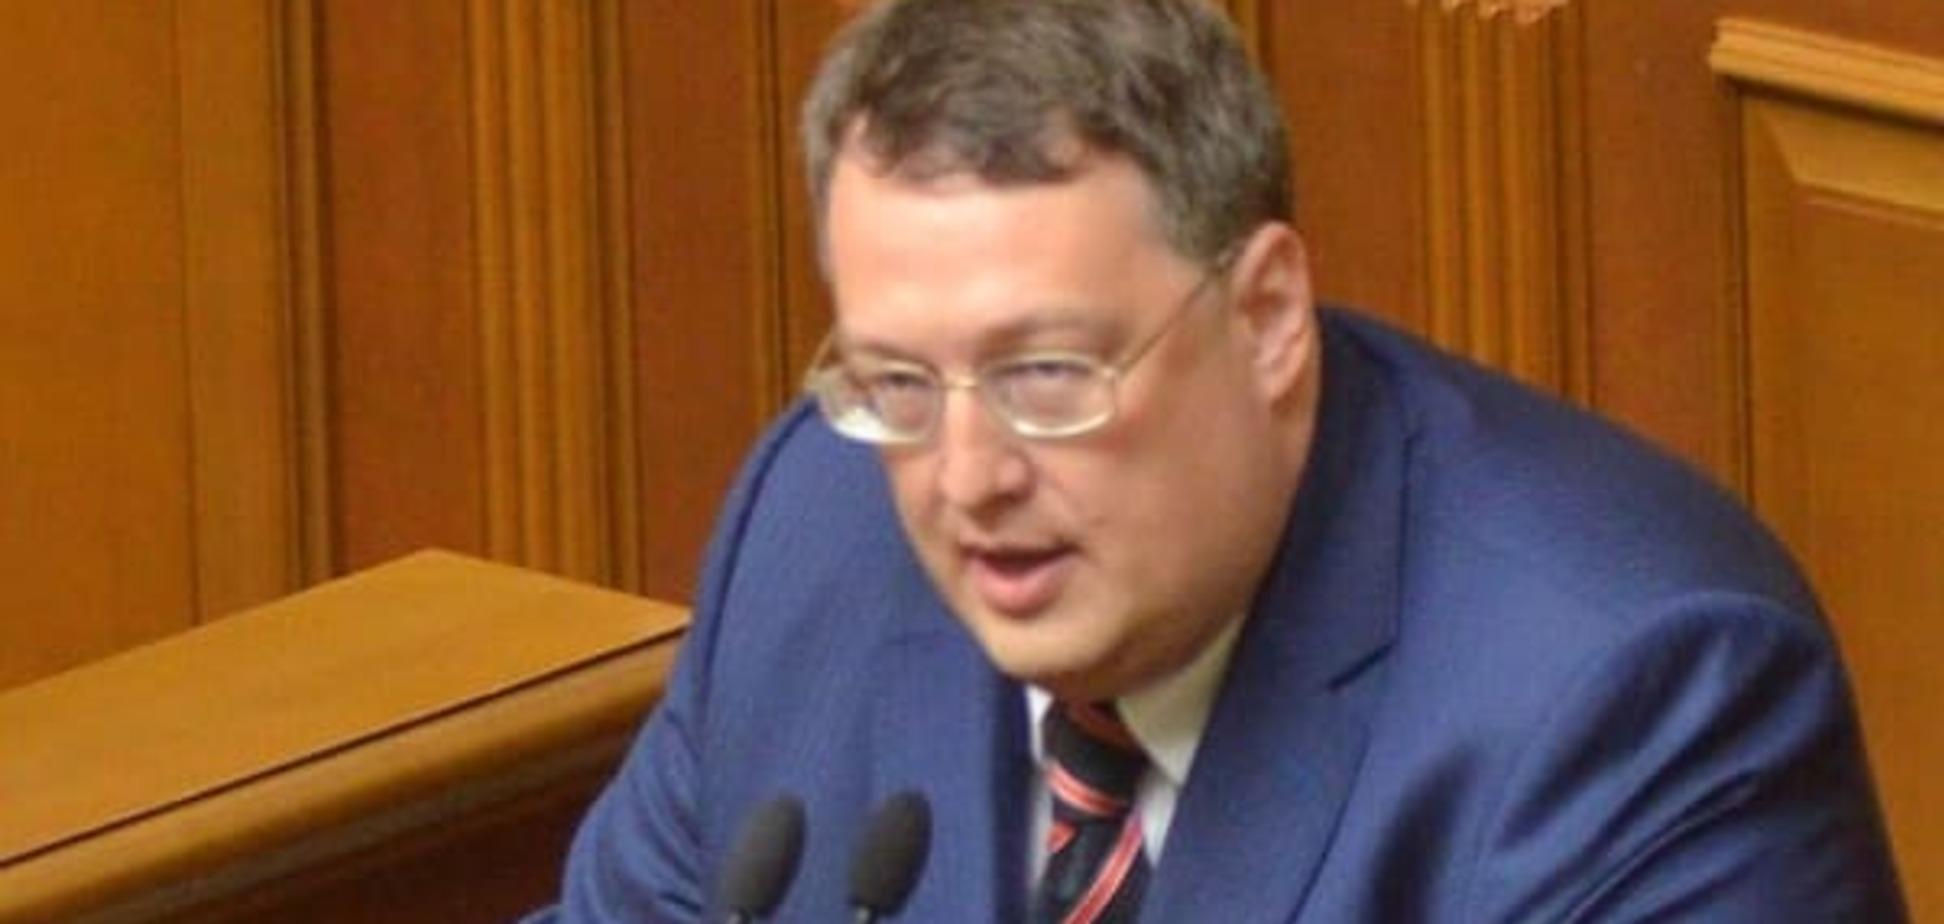 Геращенко: поліцейського, що закликав розігнати Майдан, звільнять незабаром